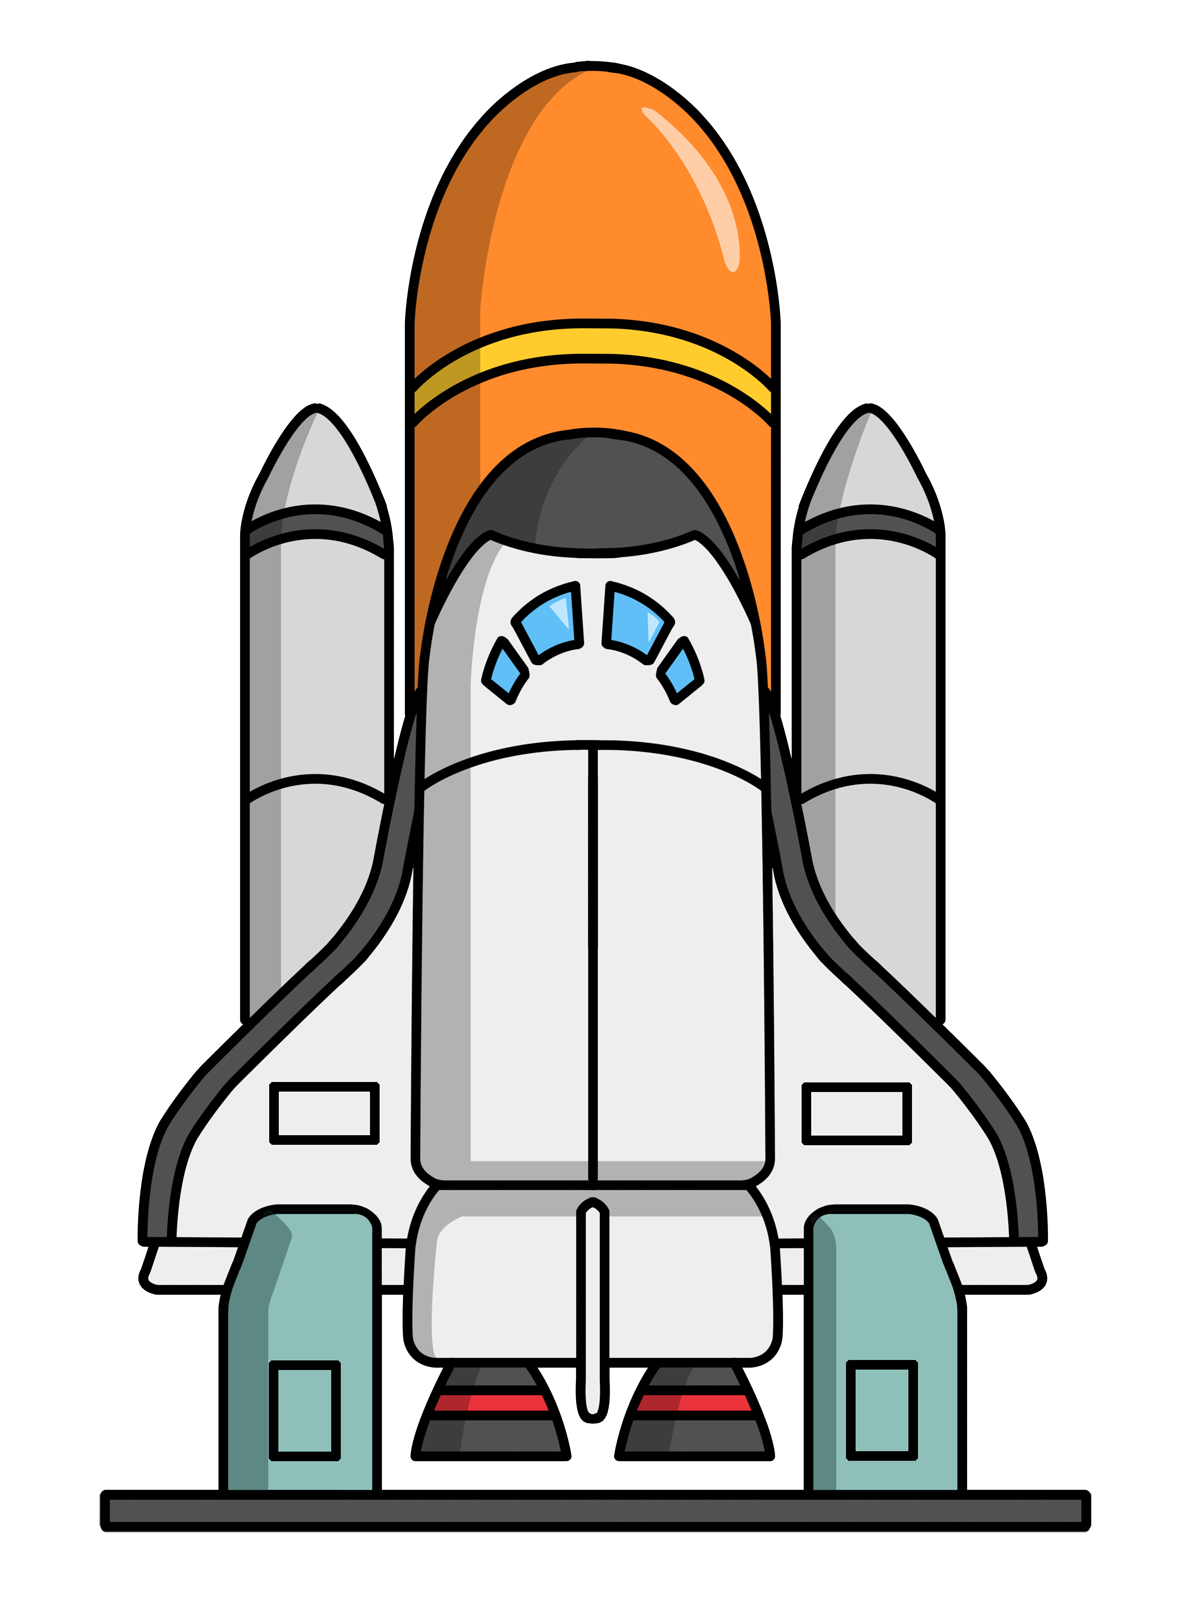 nasa rockets clip art - photo #3